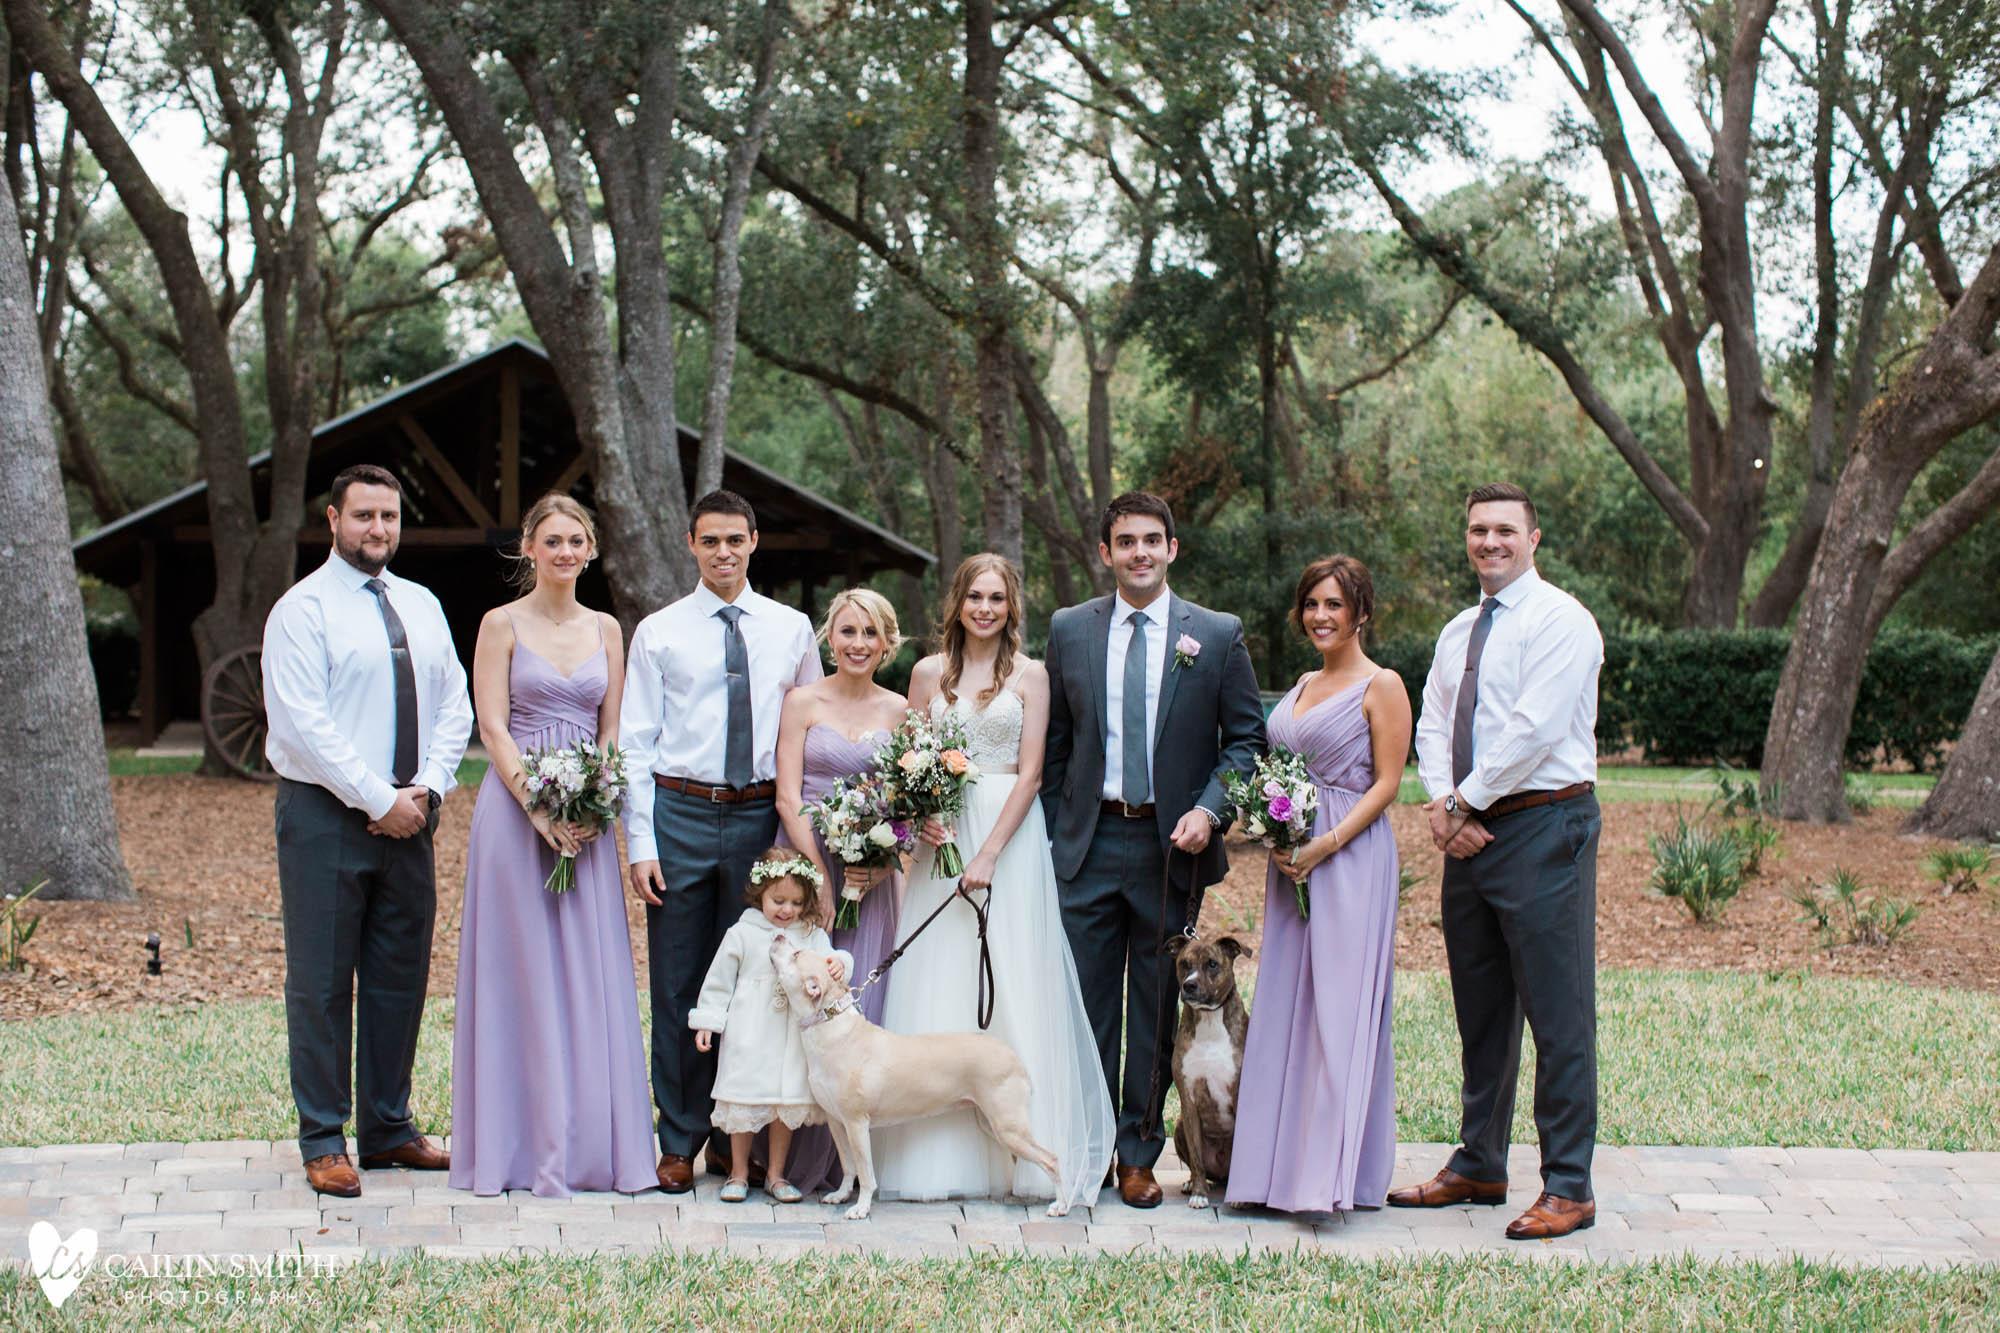 Sylvia_Anthony_Bowing_Oaks_Plantation_Wedding_Photography_0065.jpg